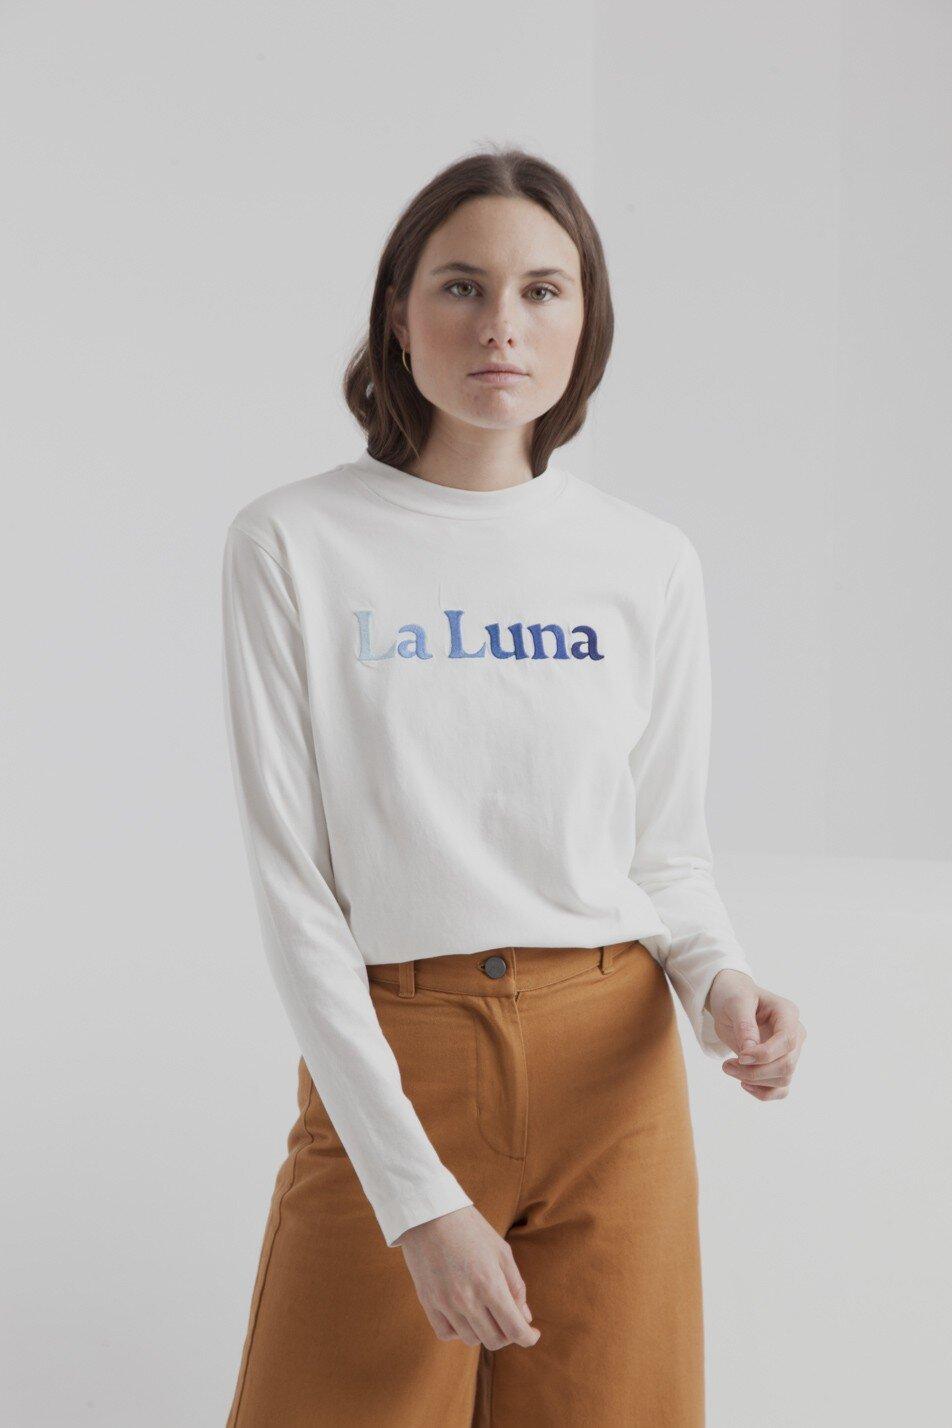 la-luna-ls-mock-t-shirt-2.jpg